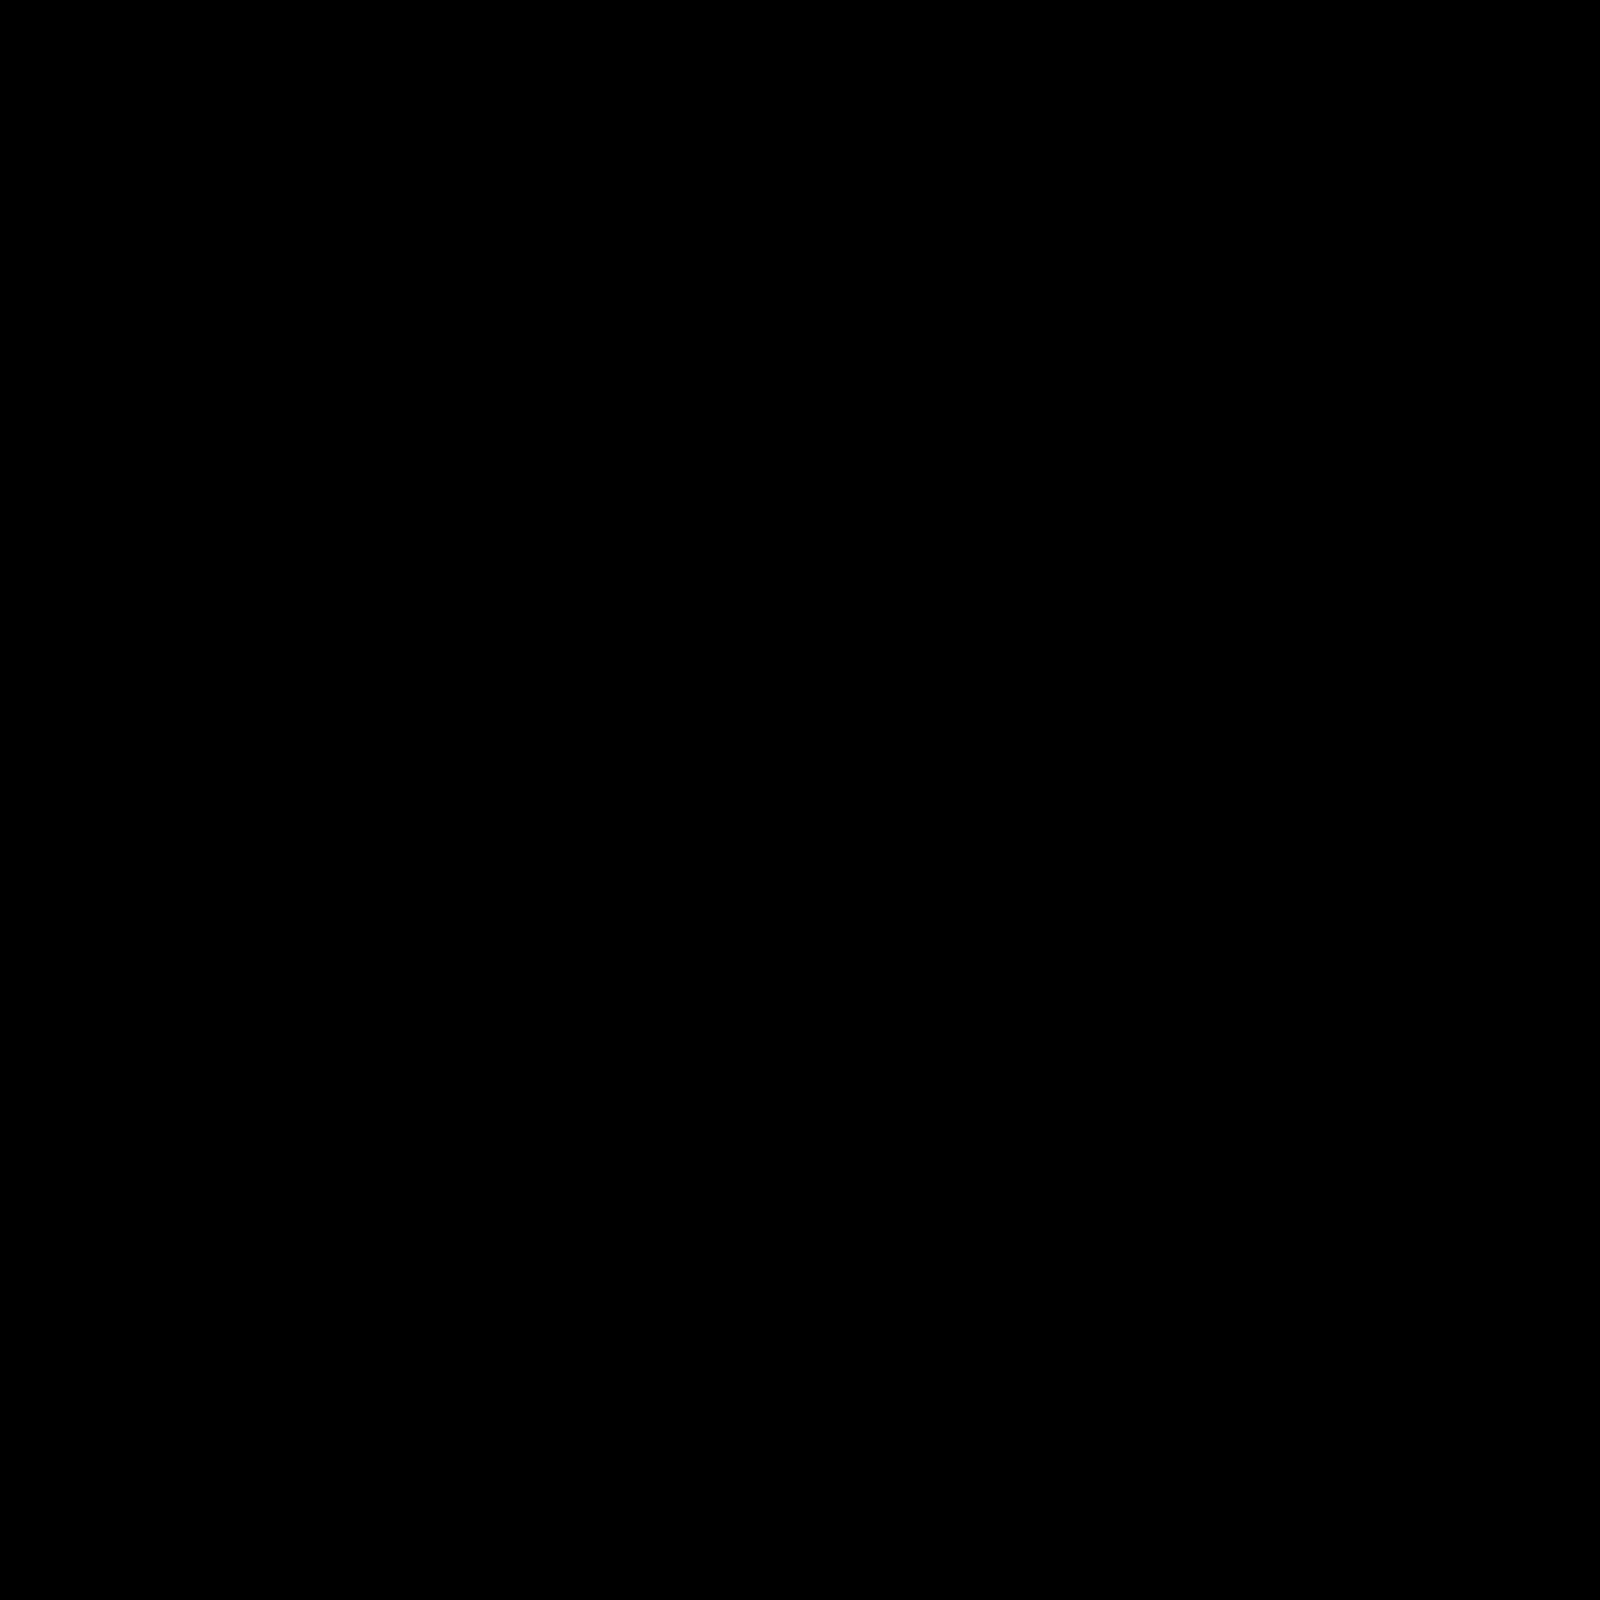 文書をメールする icon